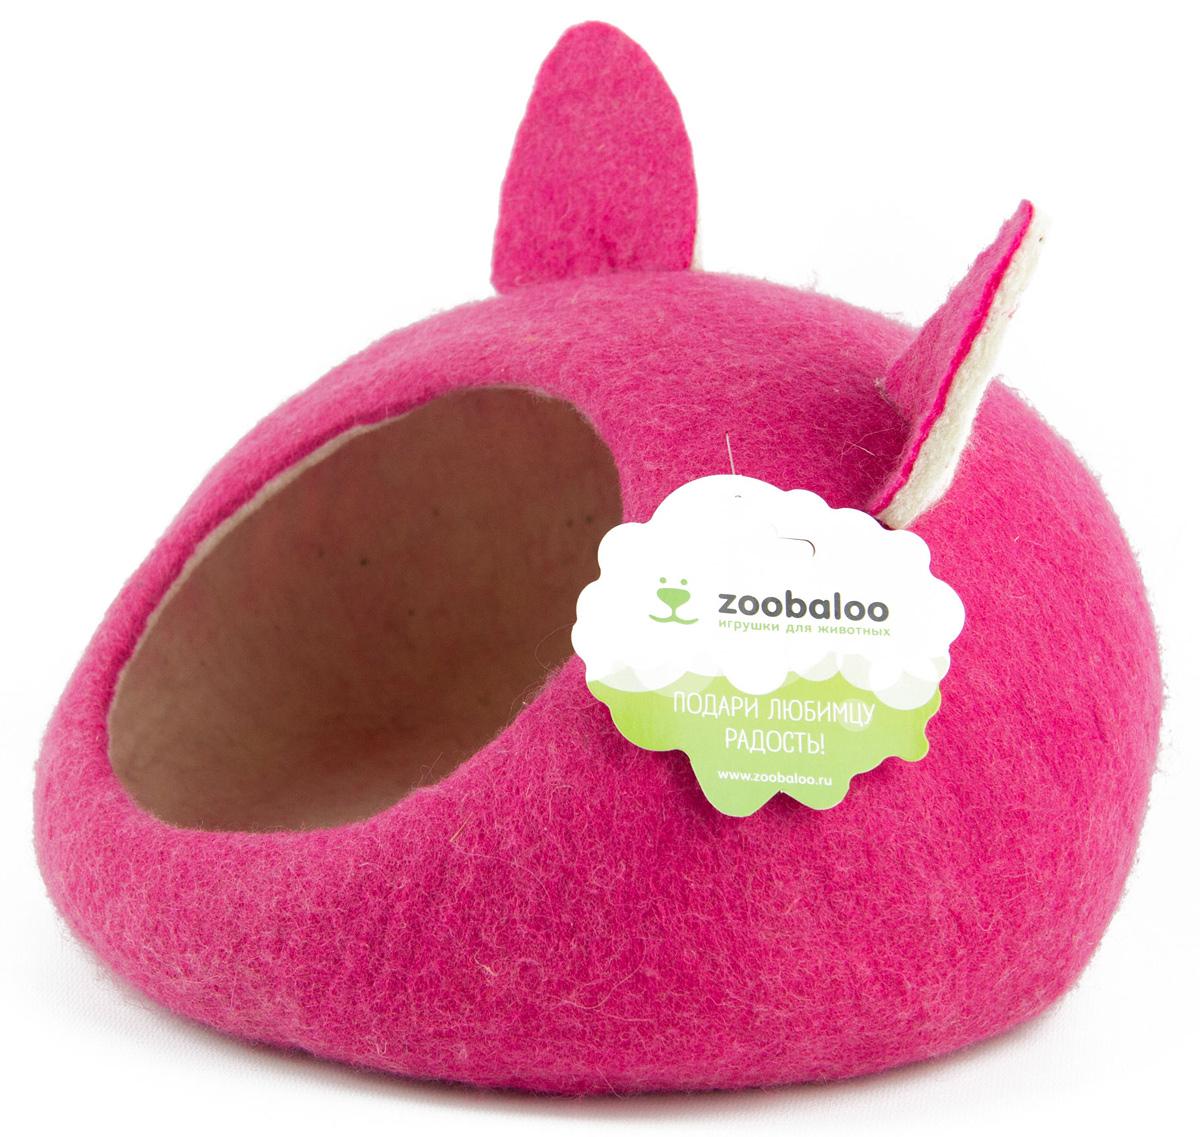 Домик-слипер для животных Zoobaloo WoolPetHouse, с ушками, цвет: малиновый, размер L967Домик-слипер Zoobaloo WoolPetHouse предназначен для отдыха и сна питомца. Домик изготовлен из 100% шерсти мериноса. Учтены все особенности животного сна: форма, цвет, материал этого домика - все подобрано как нельзя лучше! В нем ваш любимец будет видеть только цветные сны. Шерсть мериноса обеспечит превосходный микроклимат внутри домика, а его форма позволит питомцу засыпать в самой естественной позе.